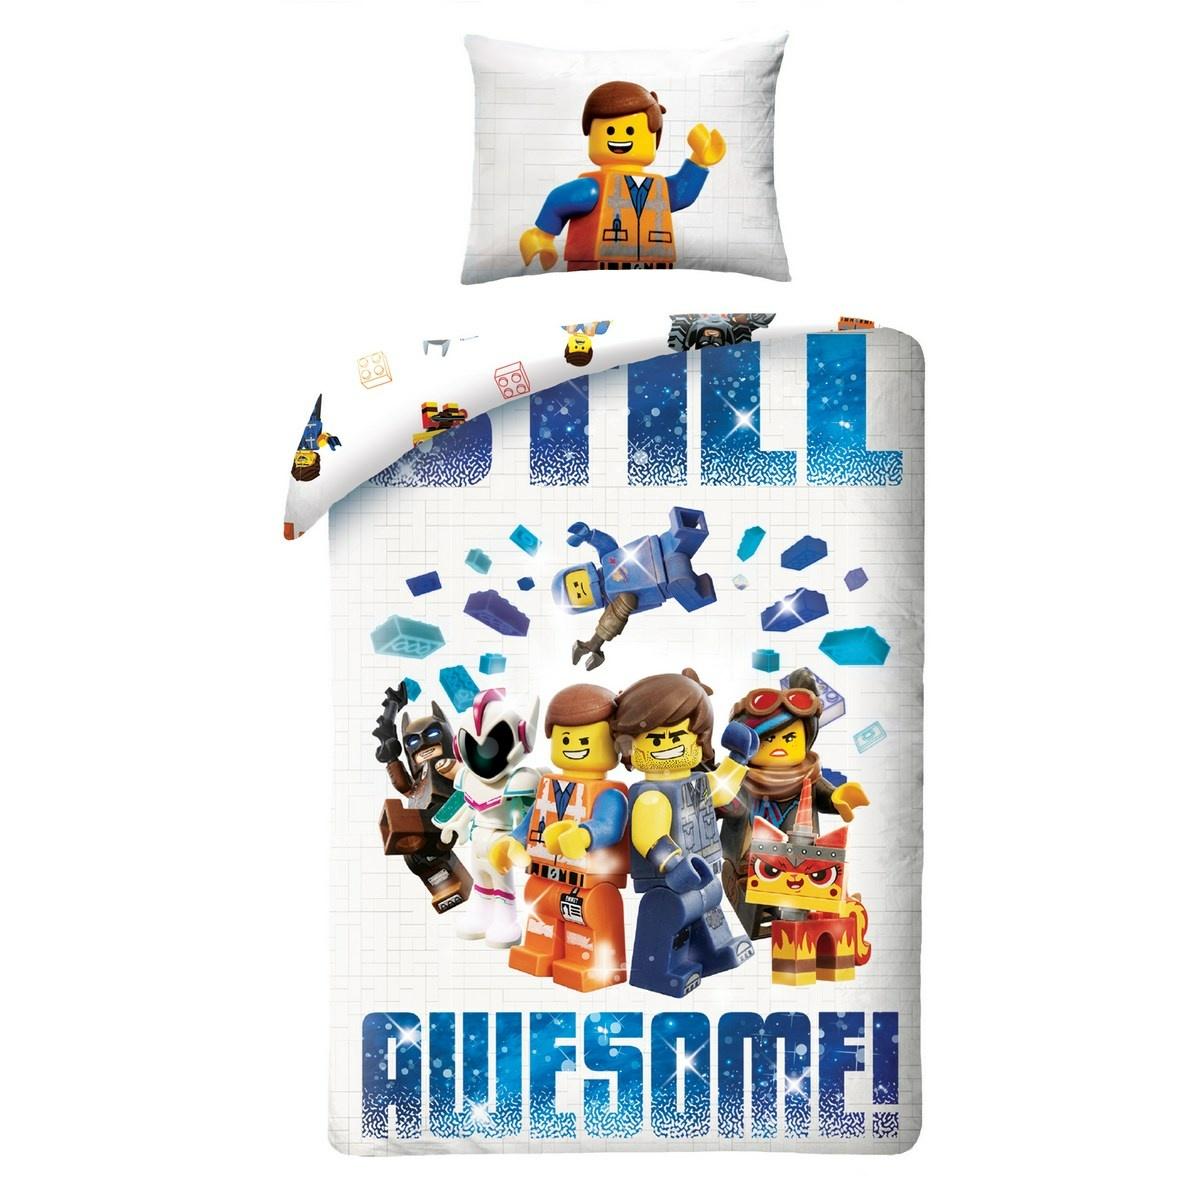 Halantex Detské bavlnené obliečky Lego Awesome, 140 x 200 cm, 70 x 90 cm